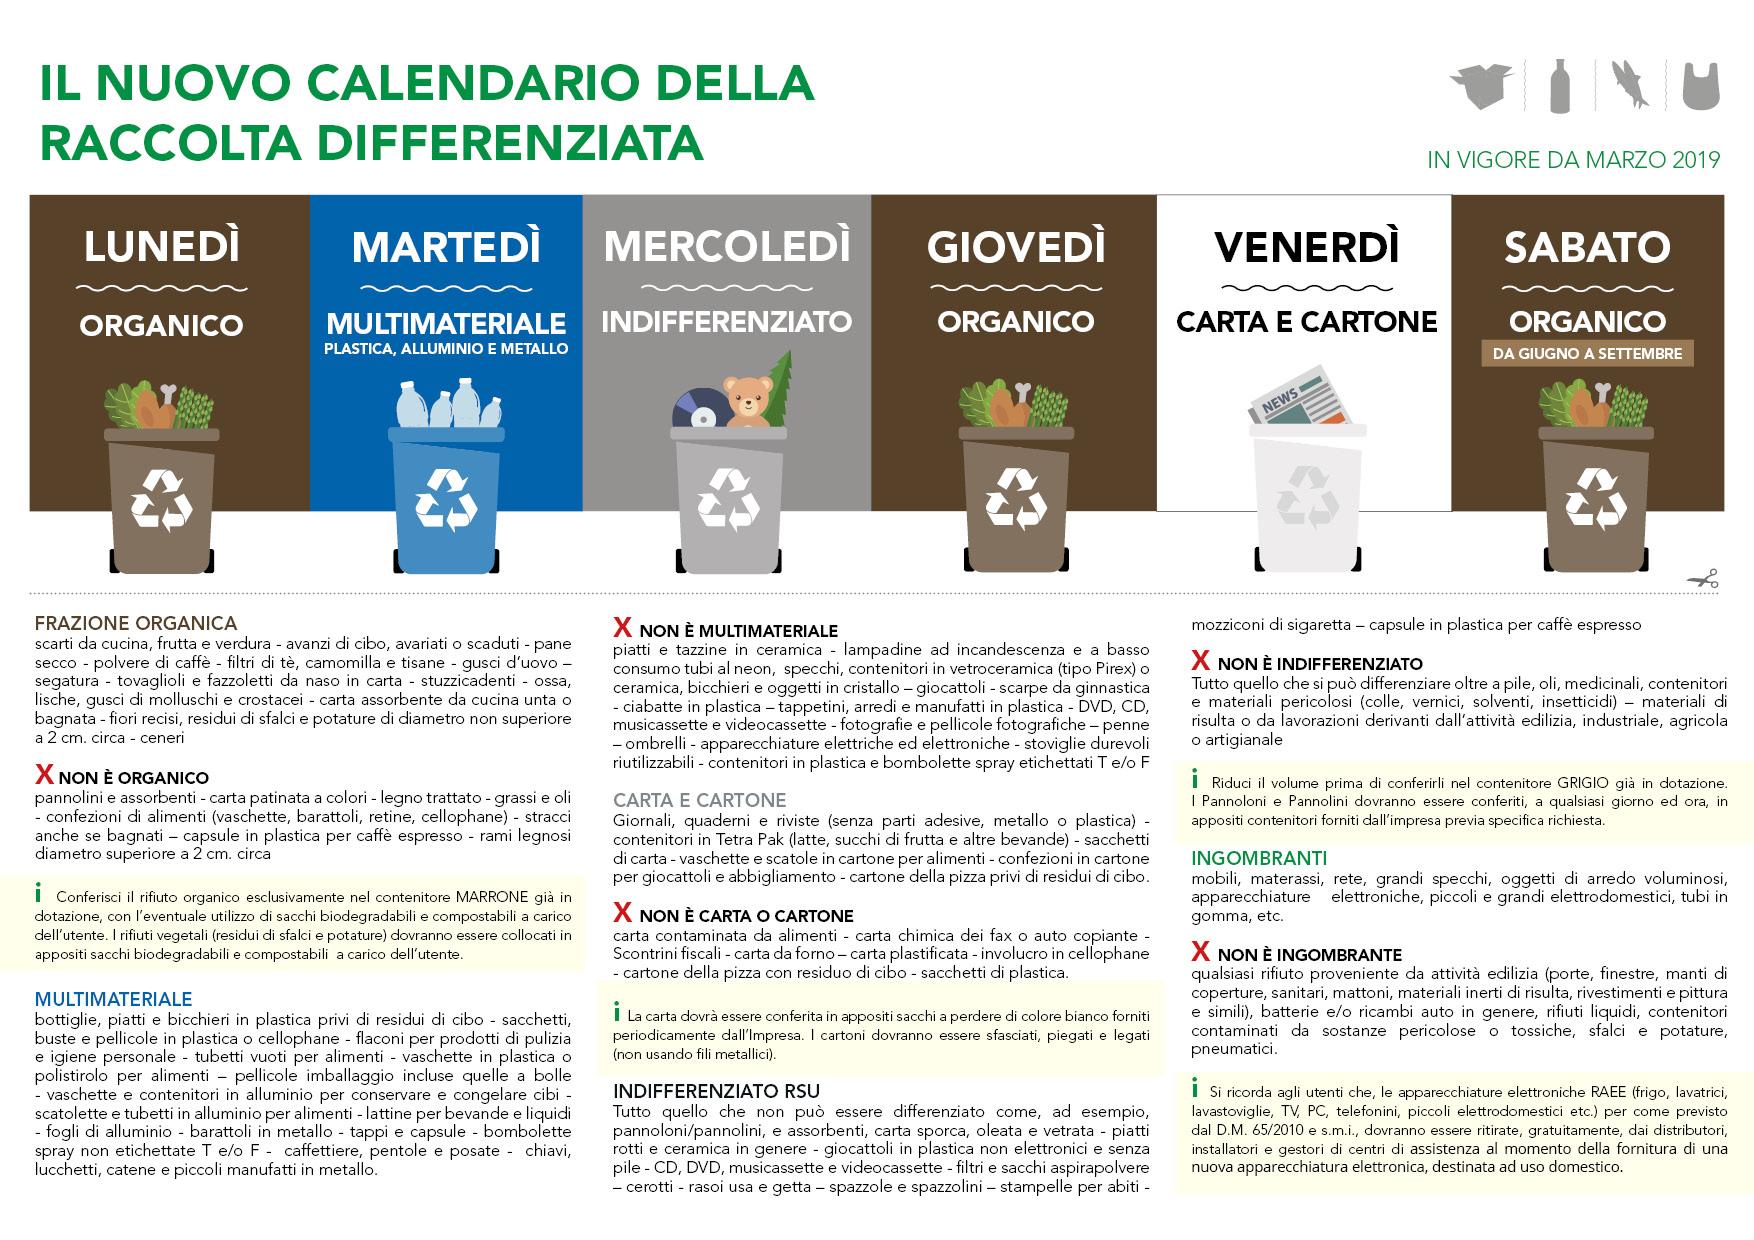 Raccolta Differenziata Cosenza Calendario 2019.San Pietro In Guarano Presila Cosentina Spa